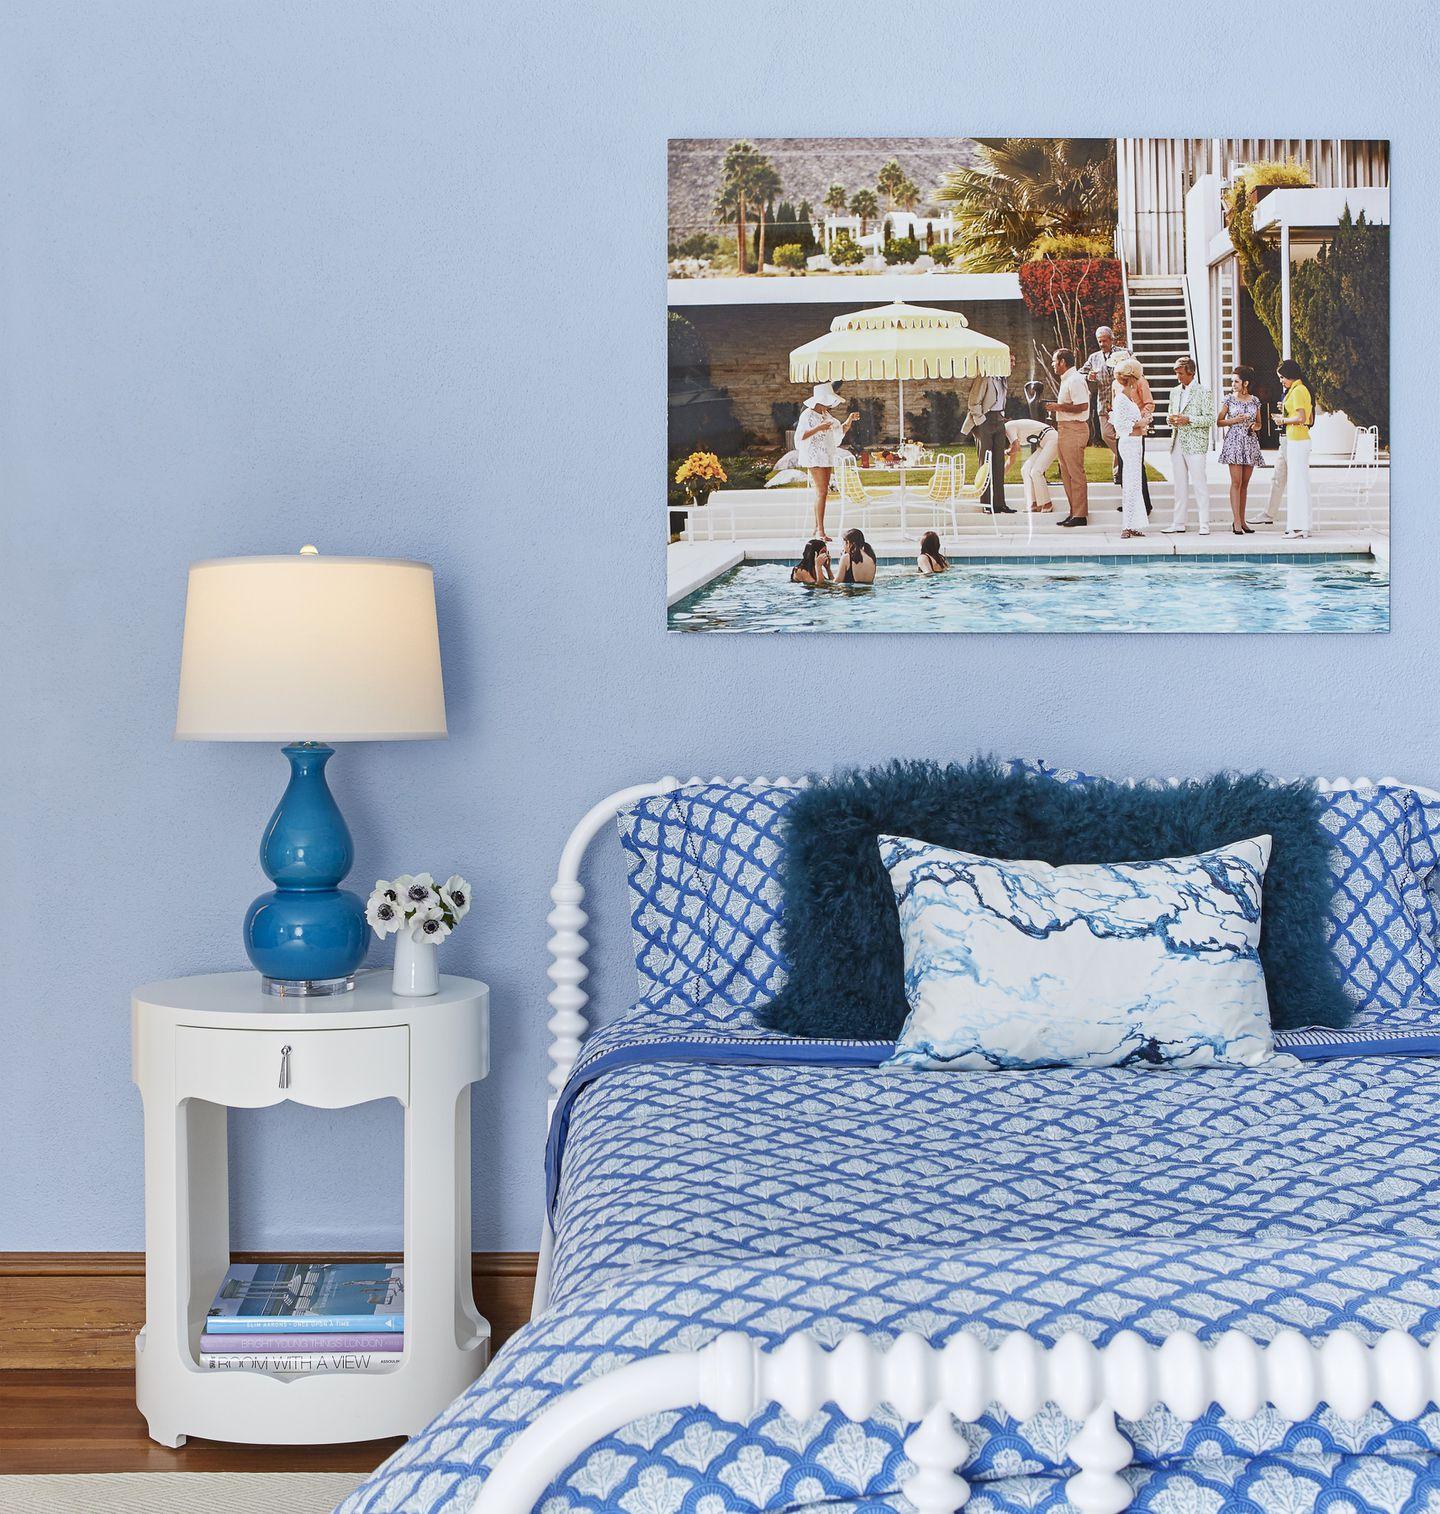 eastholm-emily-gilbert-bedroom-4